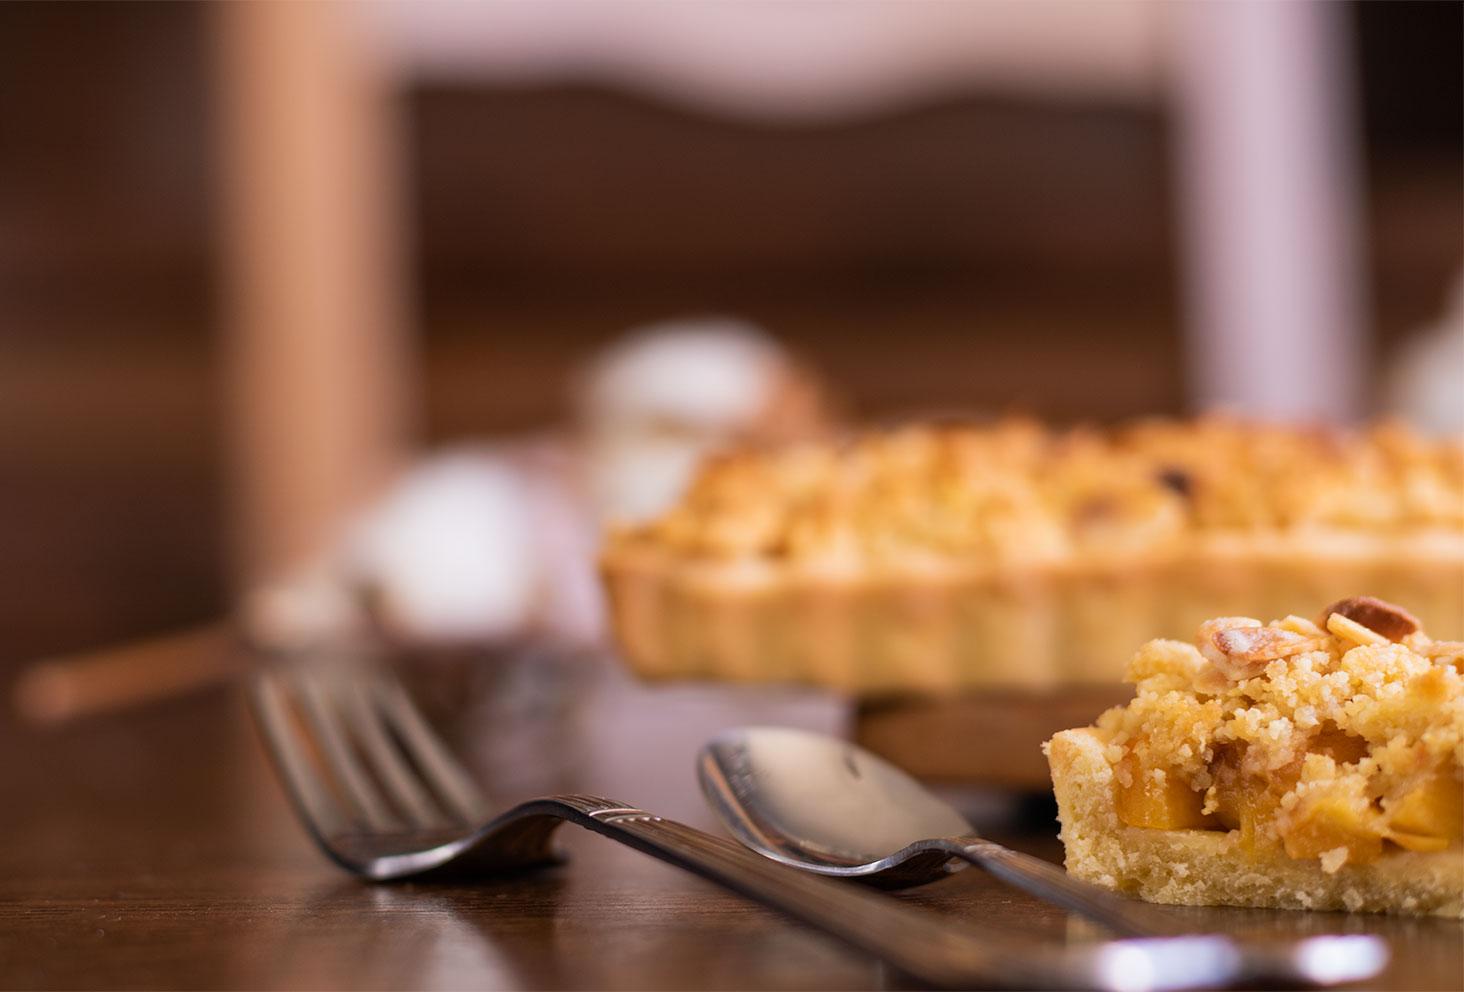 Sur une table, zoom sur une fourchette et une cuillère en argent, ainsi que sur une demi part de tarte crumble aux pêches